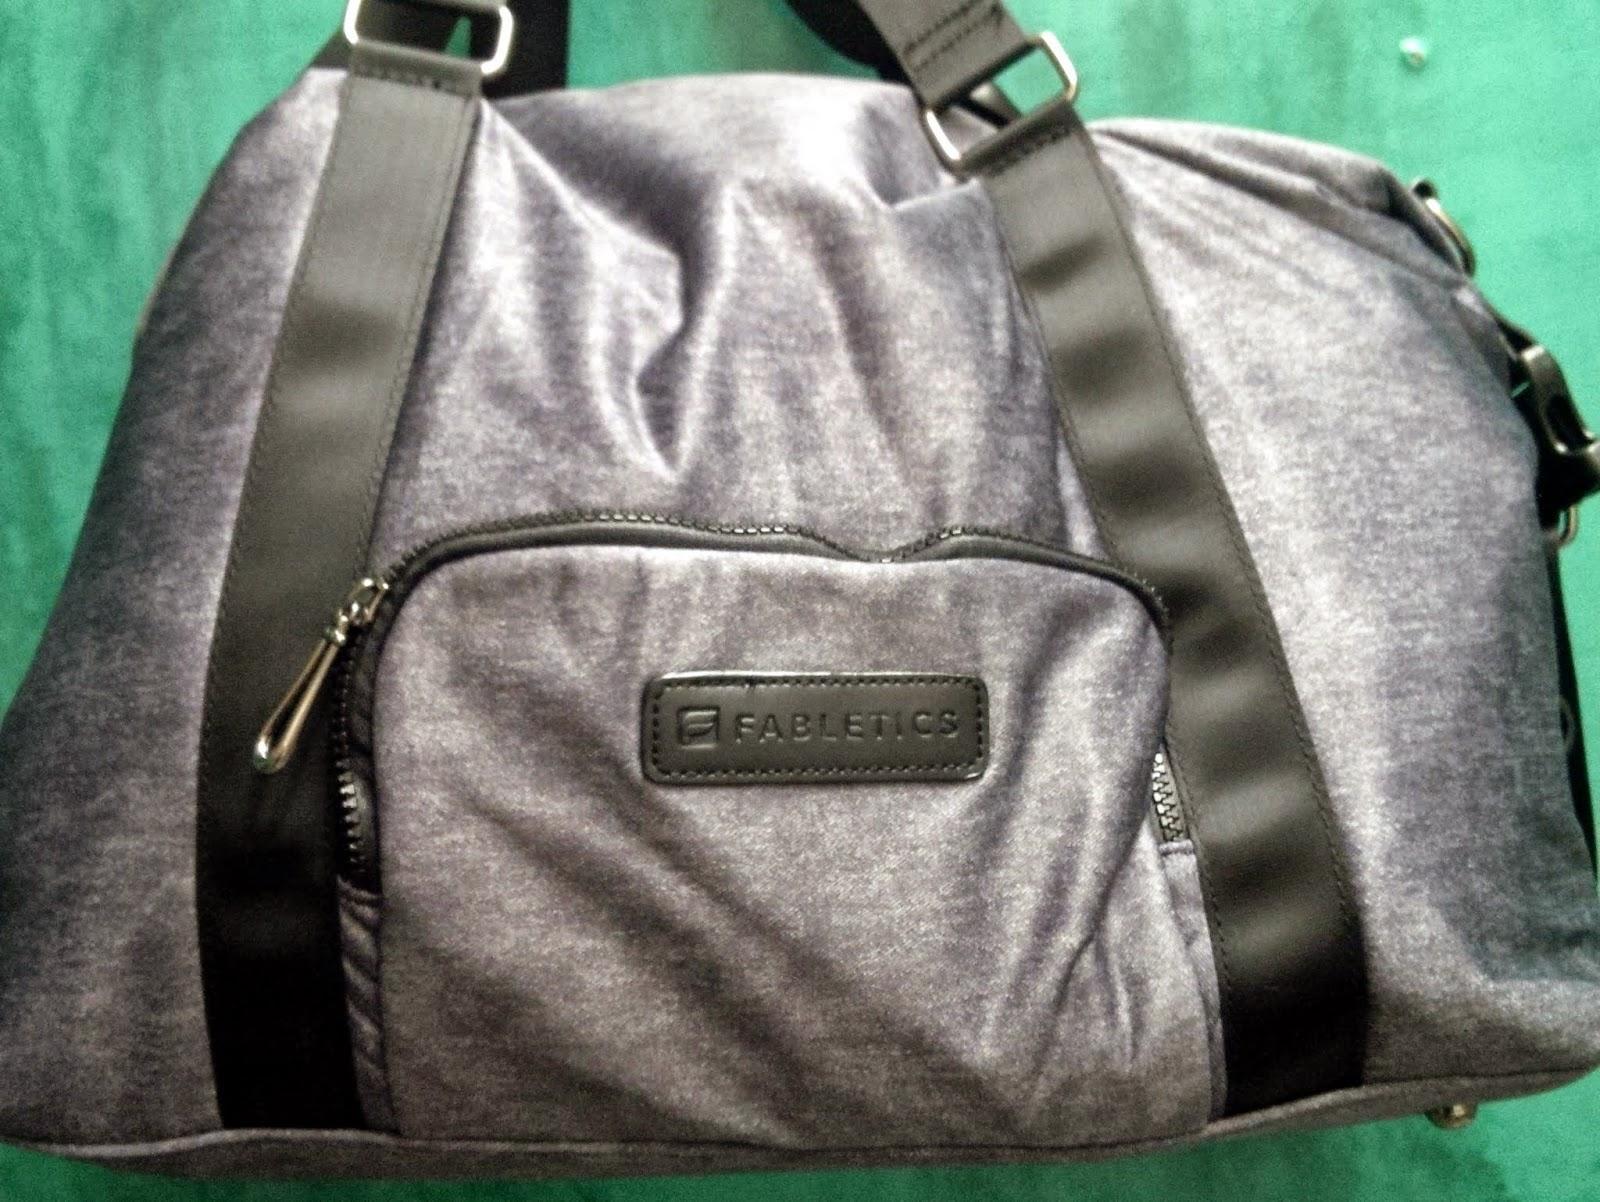 Fabletics duffel bag